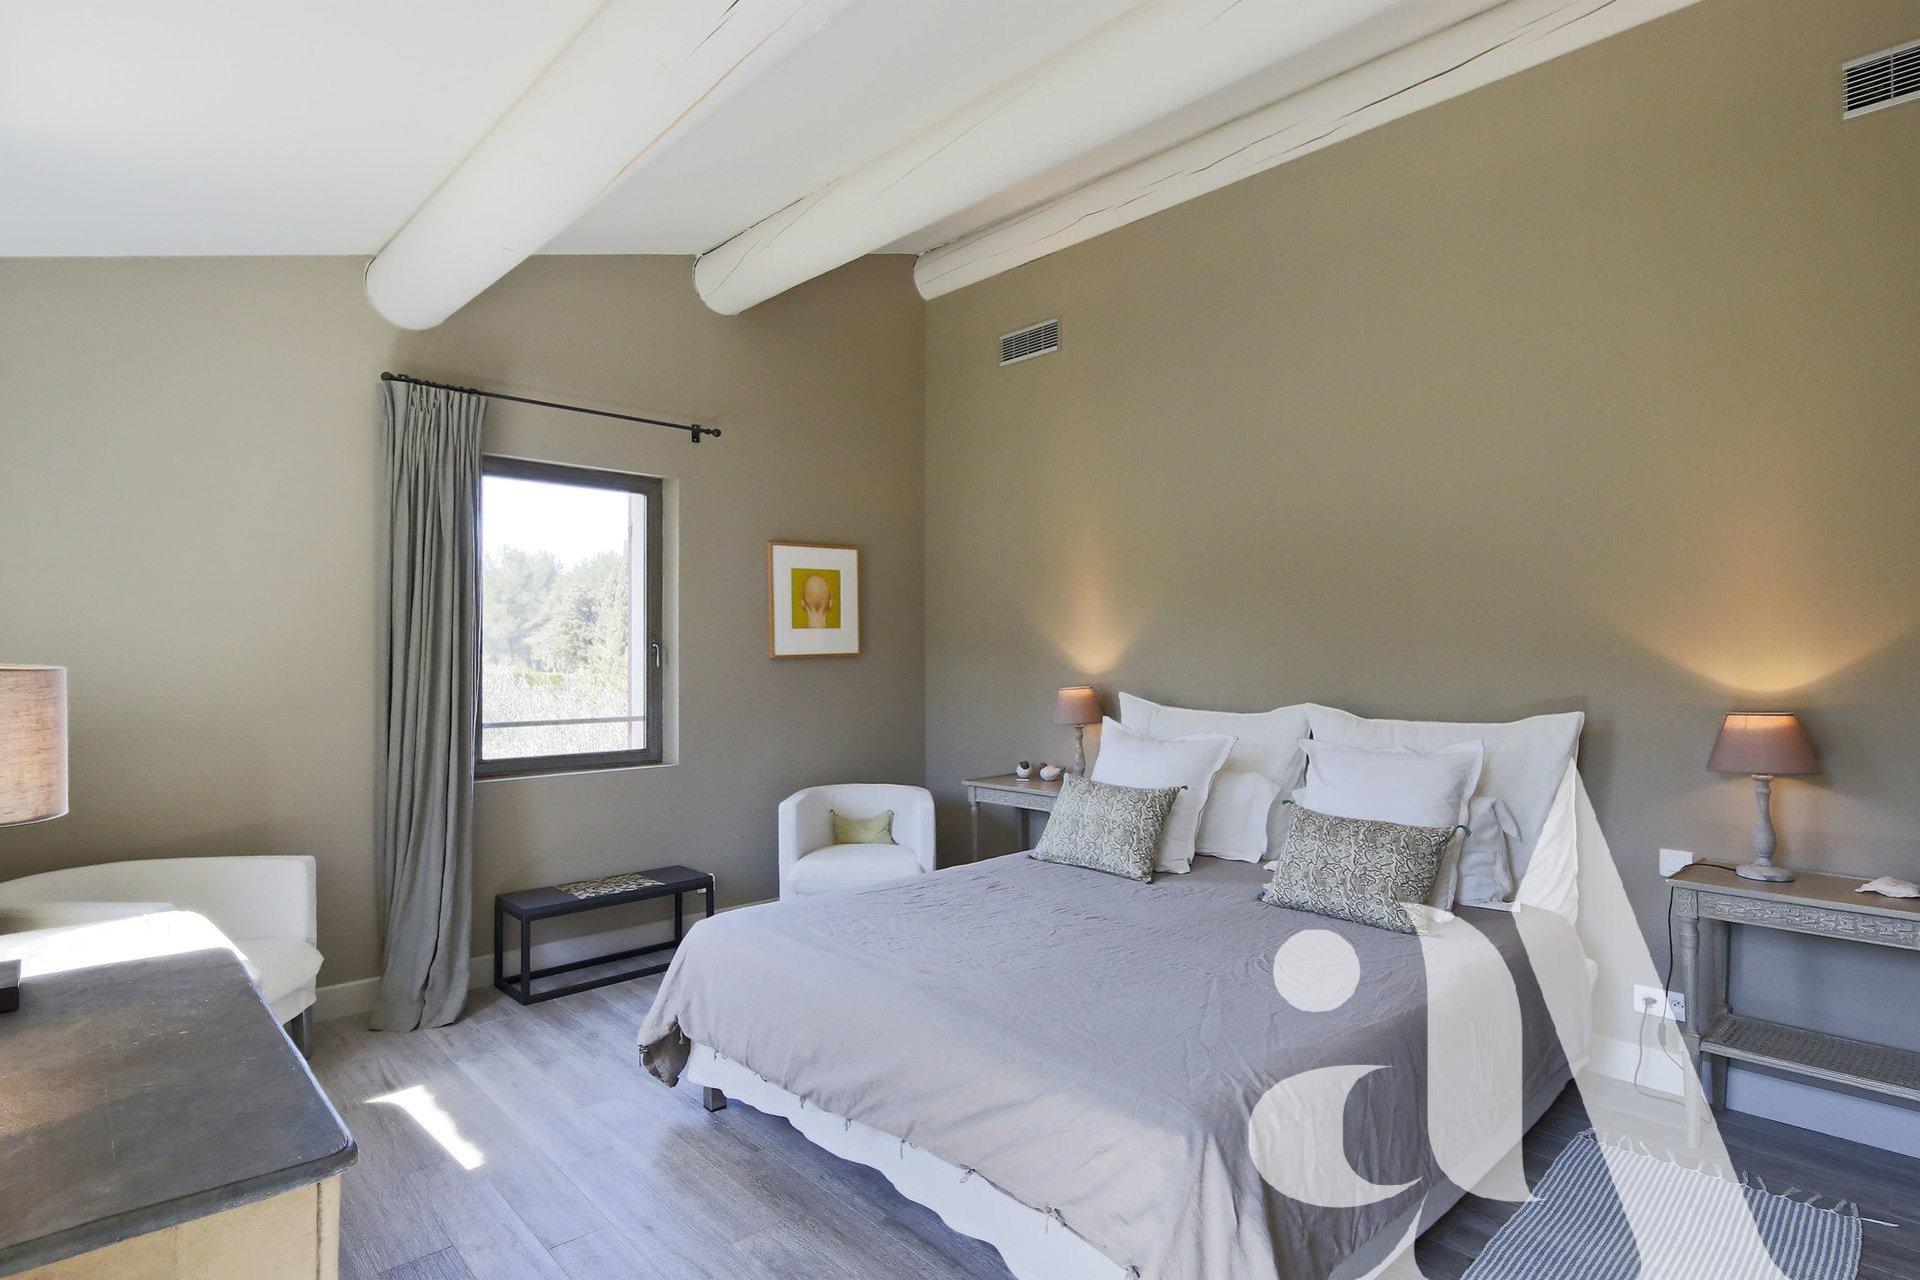 LE MAS DES LAVANDES - ST-REMY DE PROVENCE - 7 bedrooms - 12 peoples